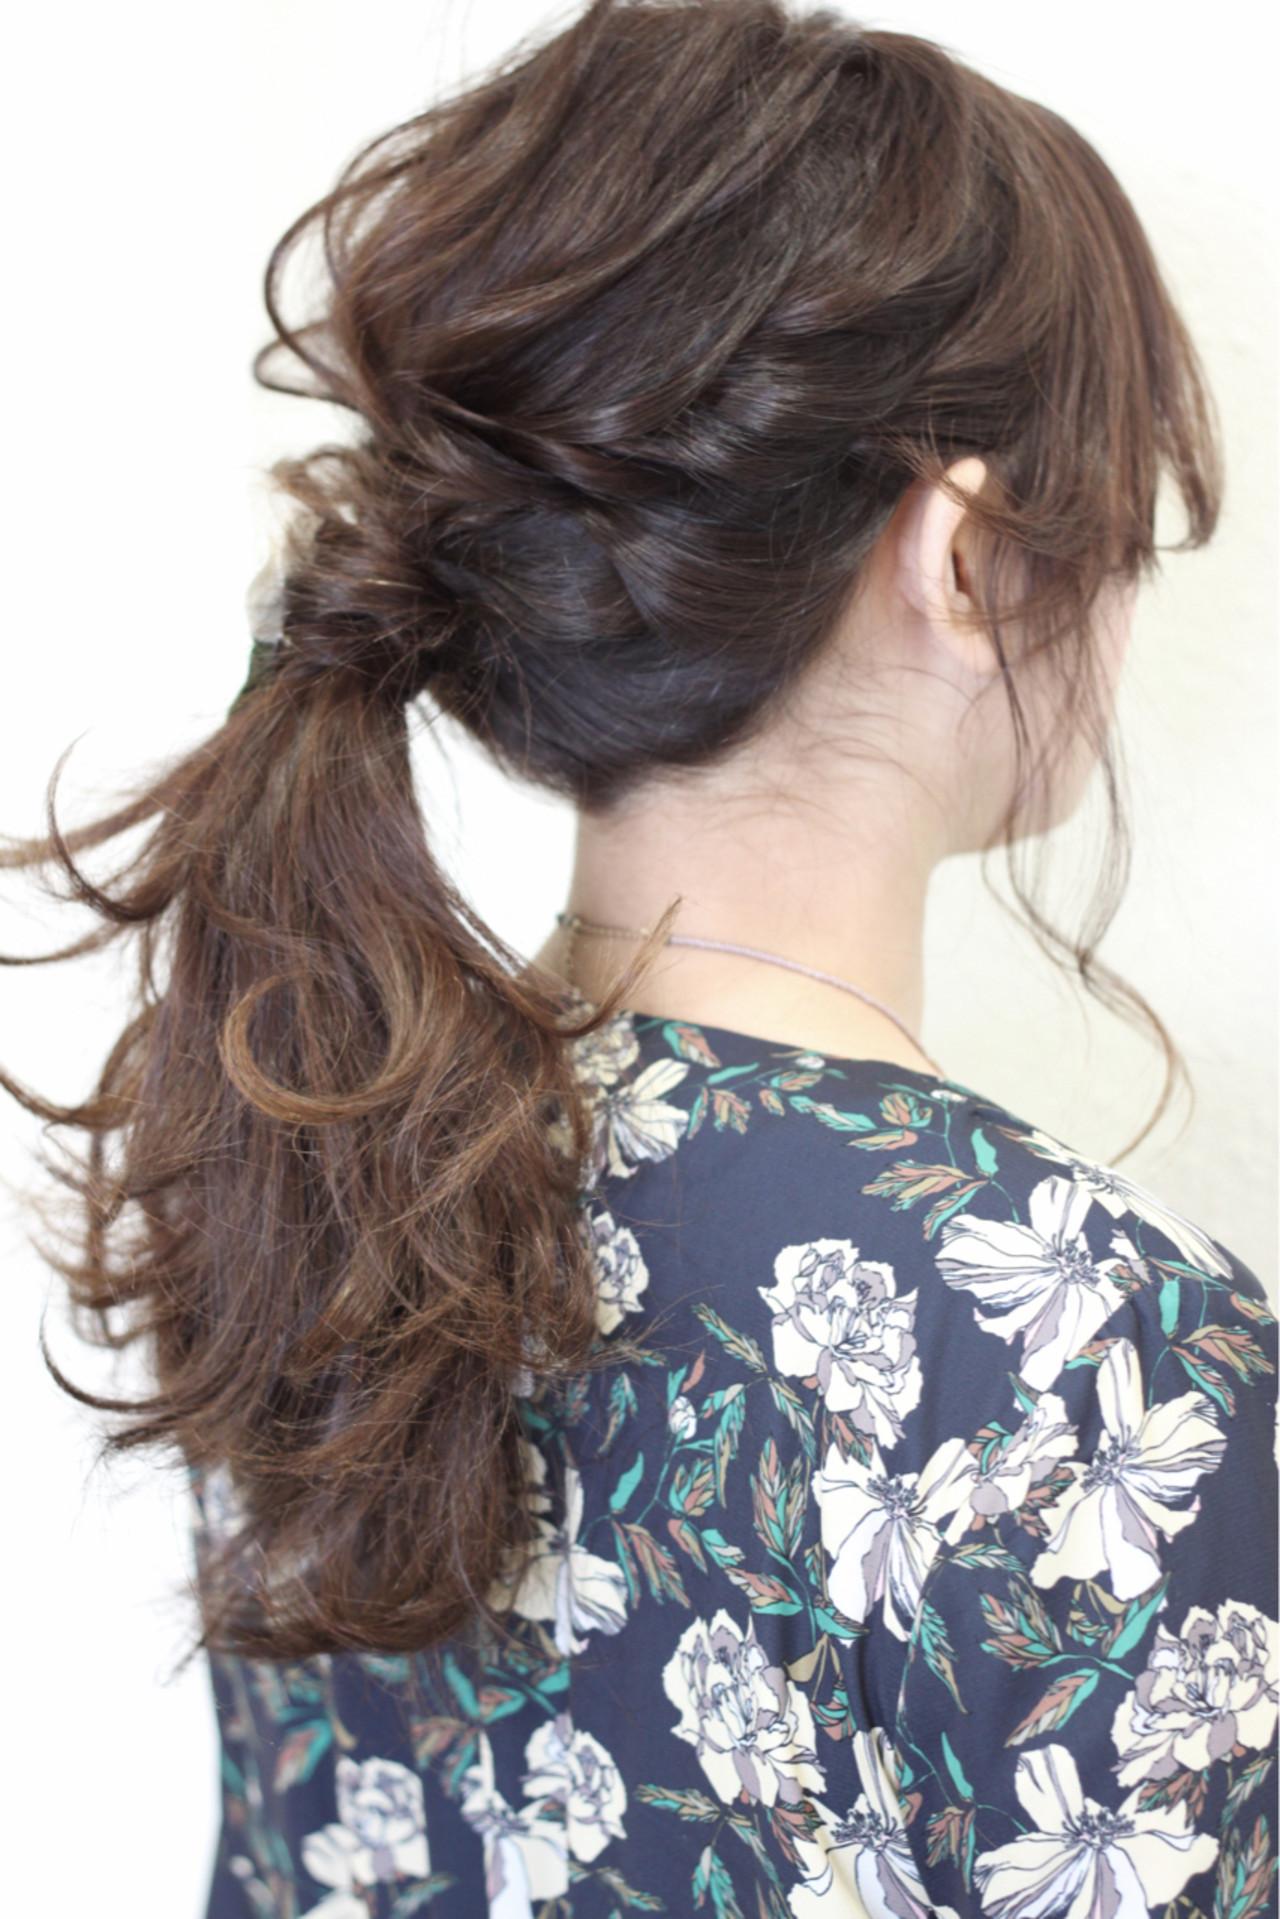 結婚式 ナチュラル ヘアアレンジ 簡単ヘアアレンジ ヘアスタイルや髪型の写真・画像